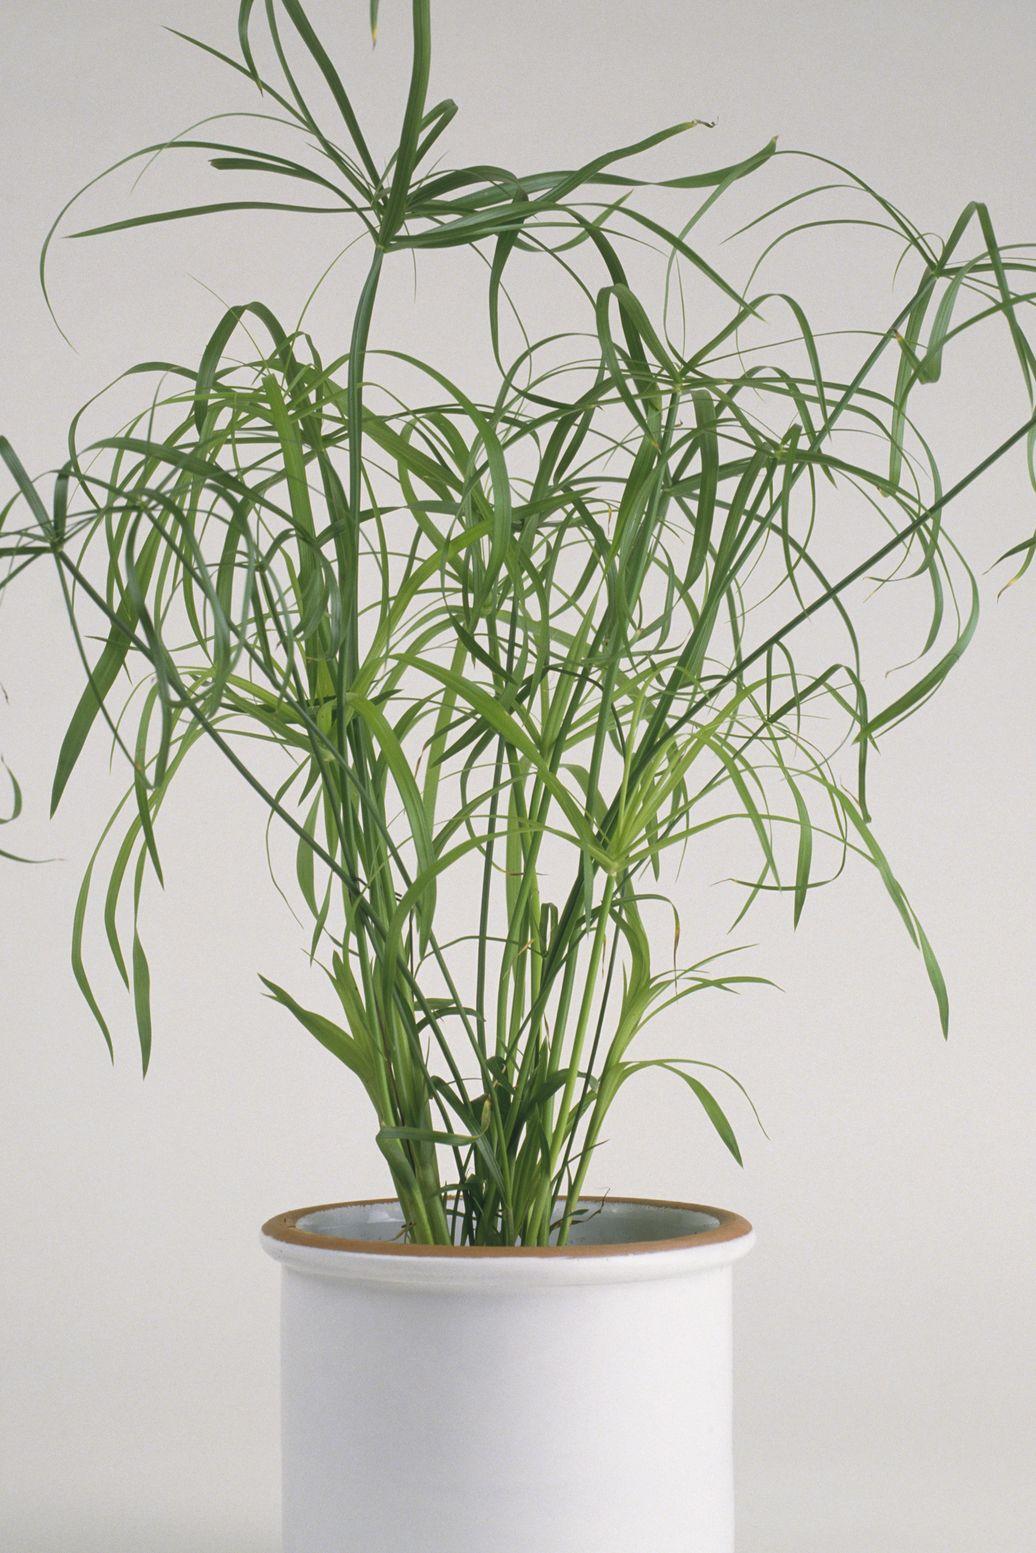 Cyperus alternifolius 'Gracilis' (Umbrella plant) in white ceramic plant pot